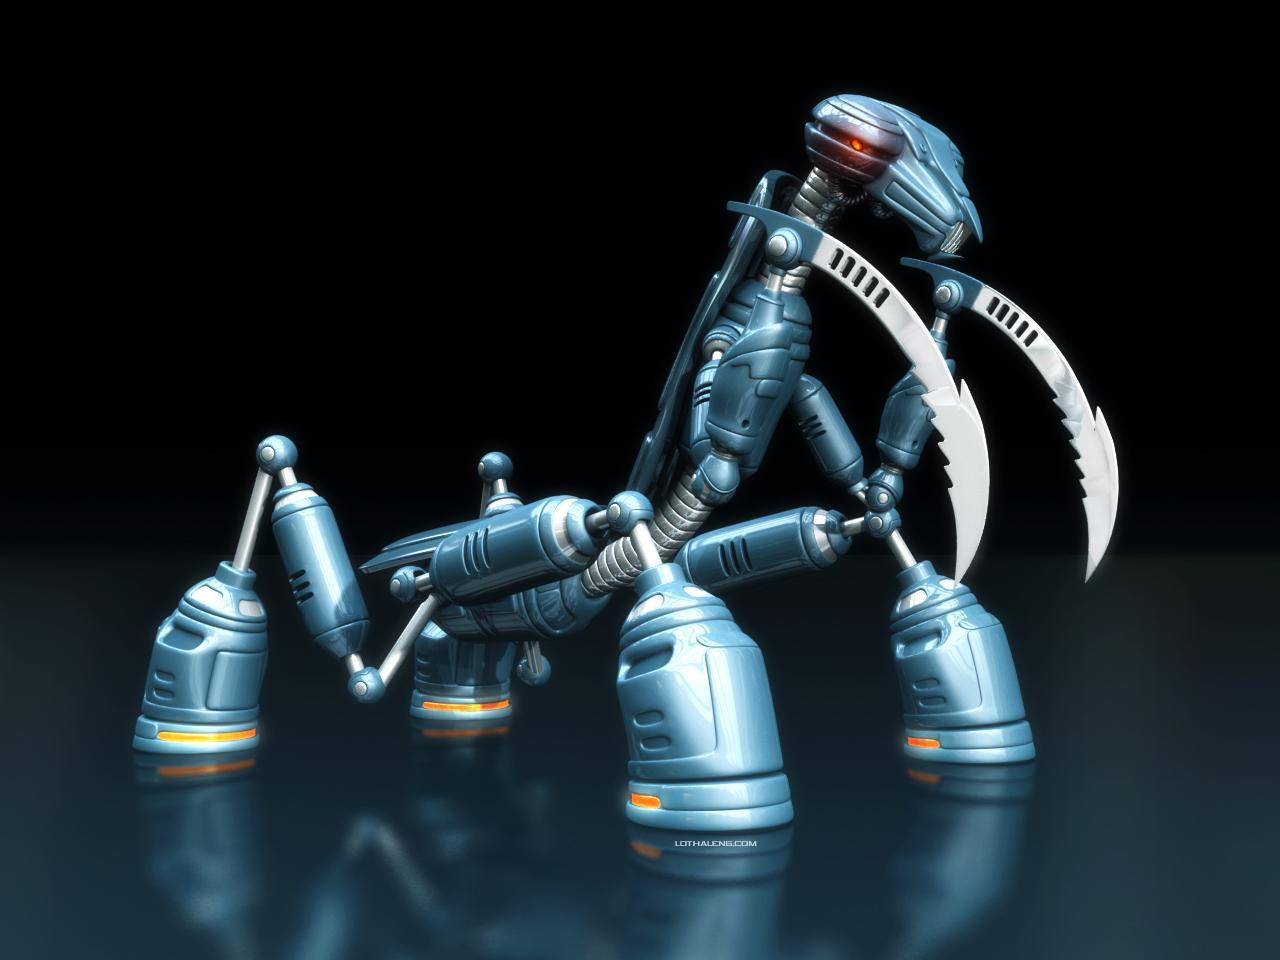 Sfondi hd in 3d per desktop robot sfondi hd gratis for Sfondi pc in 3d